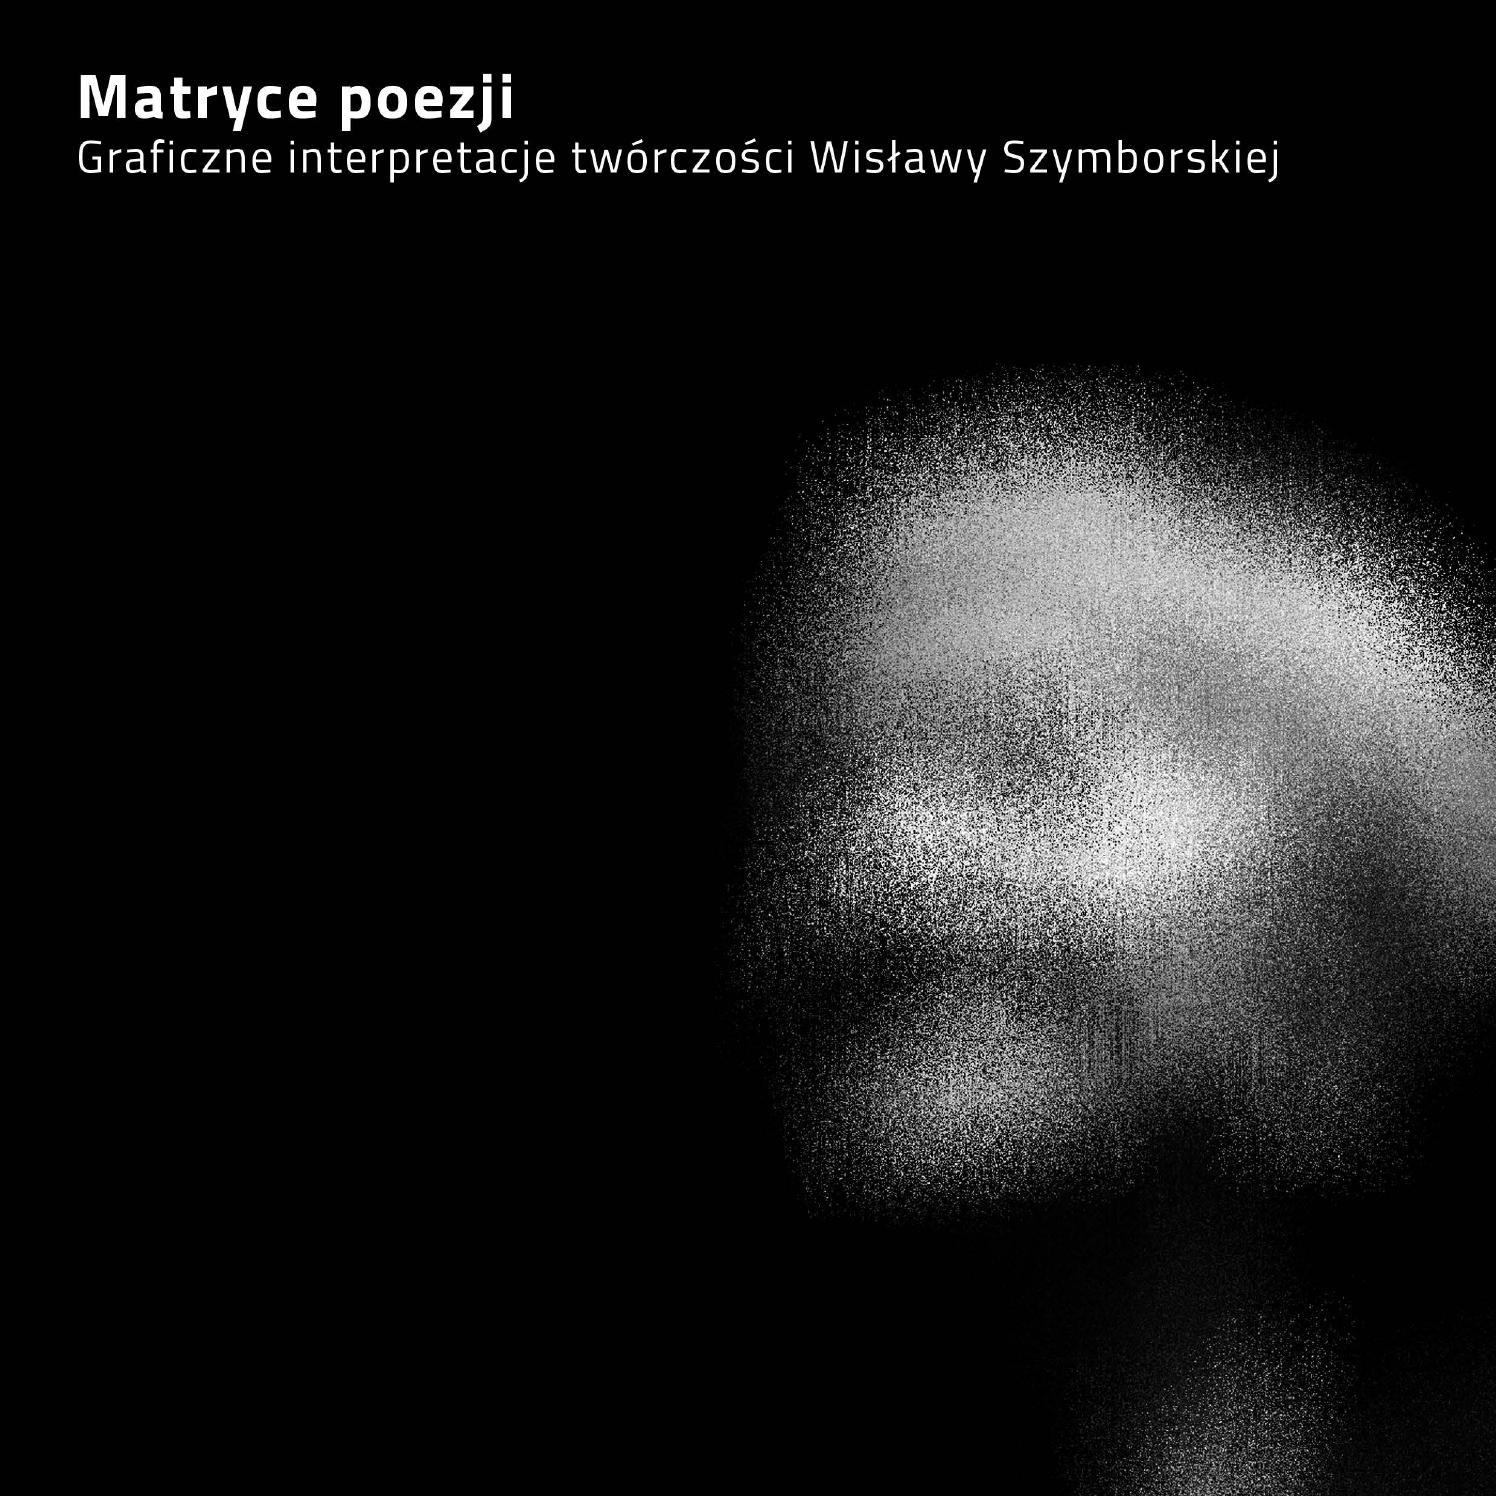 Matryce Poezji Graficzne Interpretacje Twórczości Wisławy